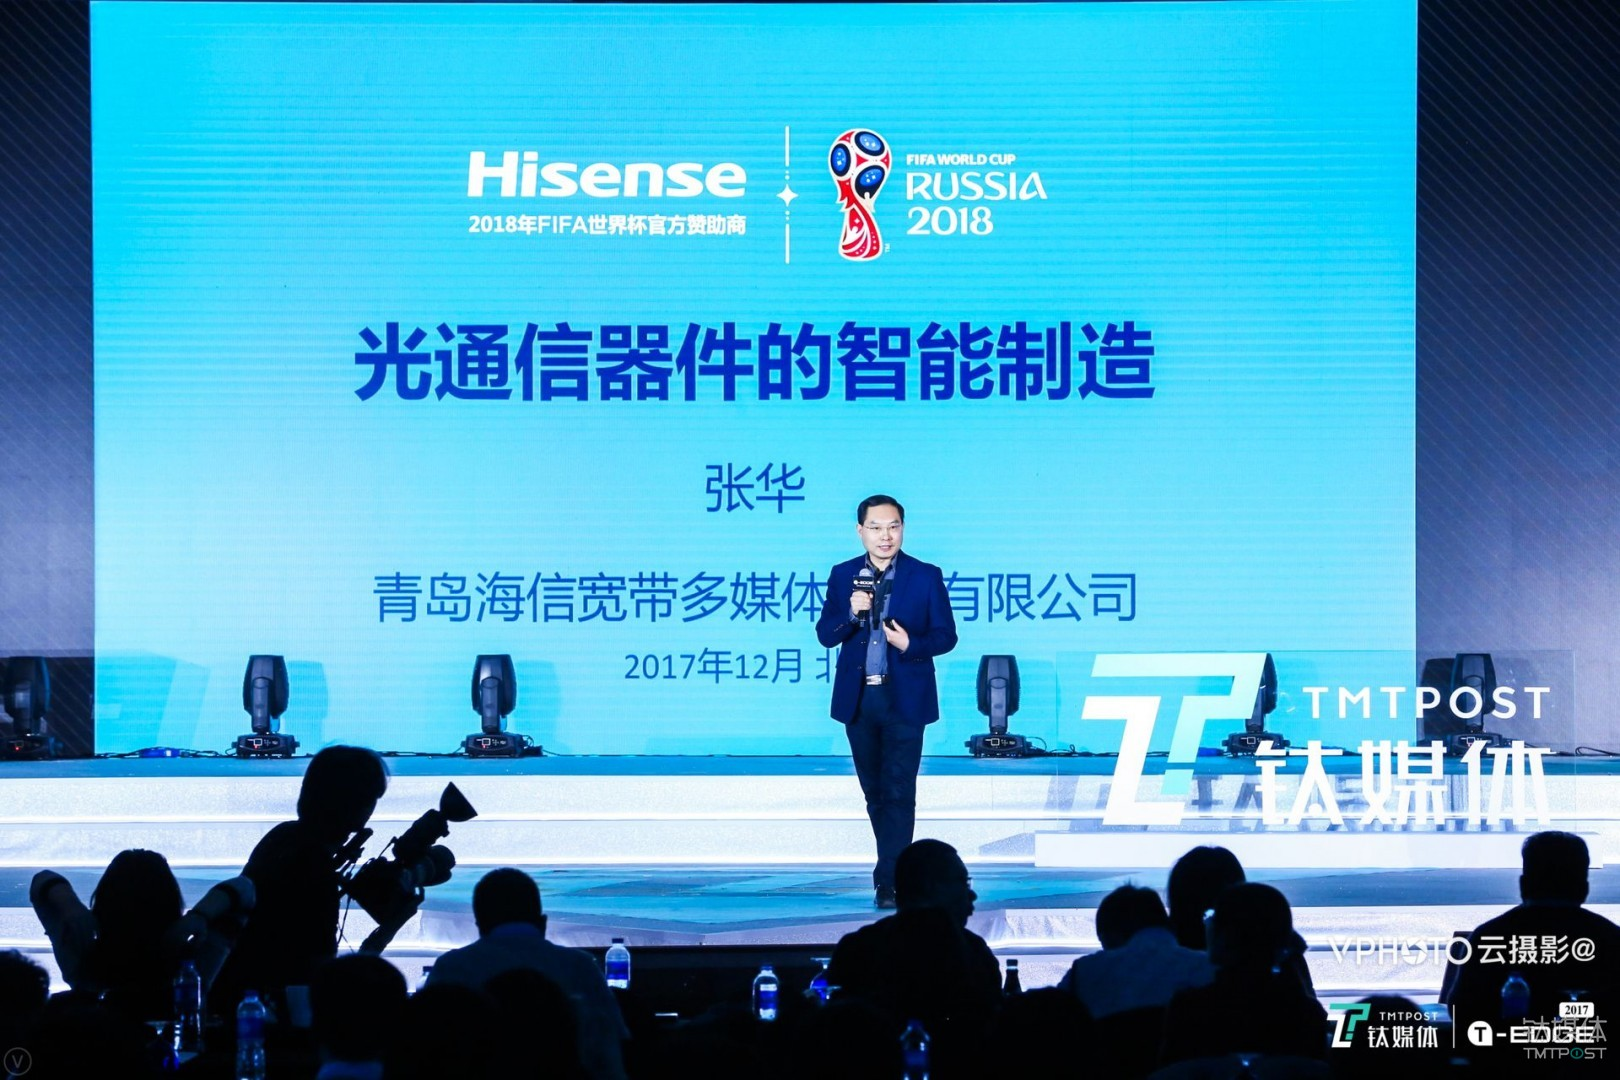 海信宽带多媒体技术有限公司技术合作总监-张华